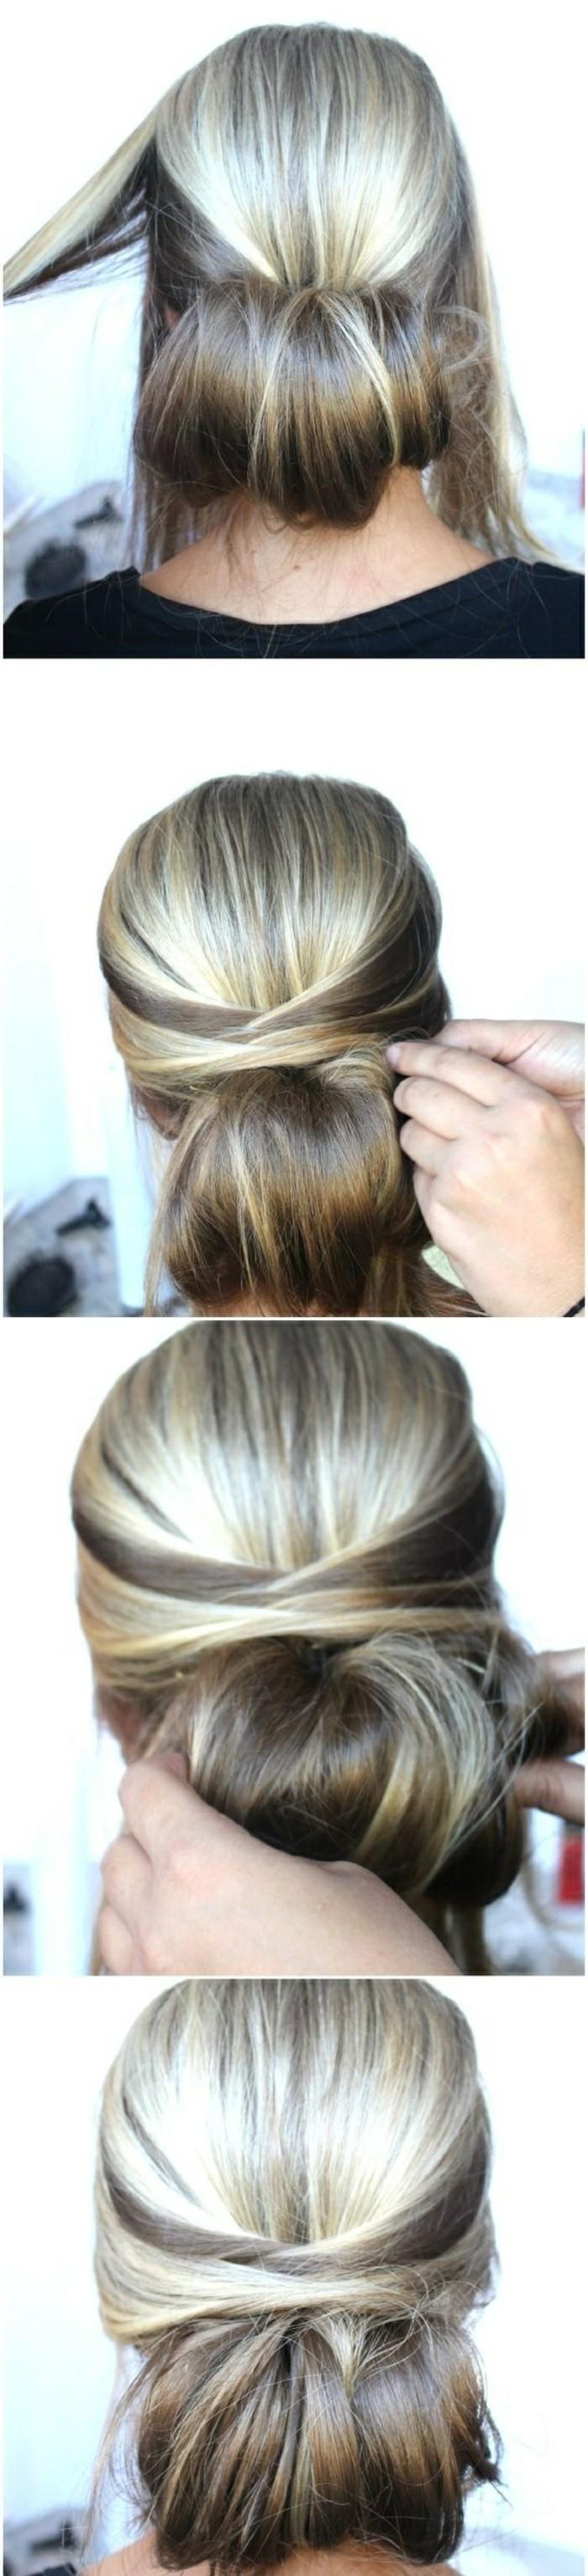 Acconciature semplici capelli medi, capelli legati a chignon